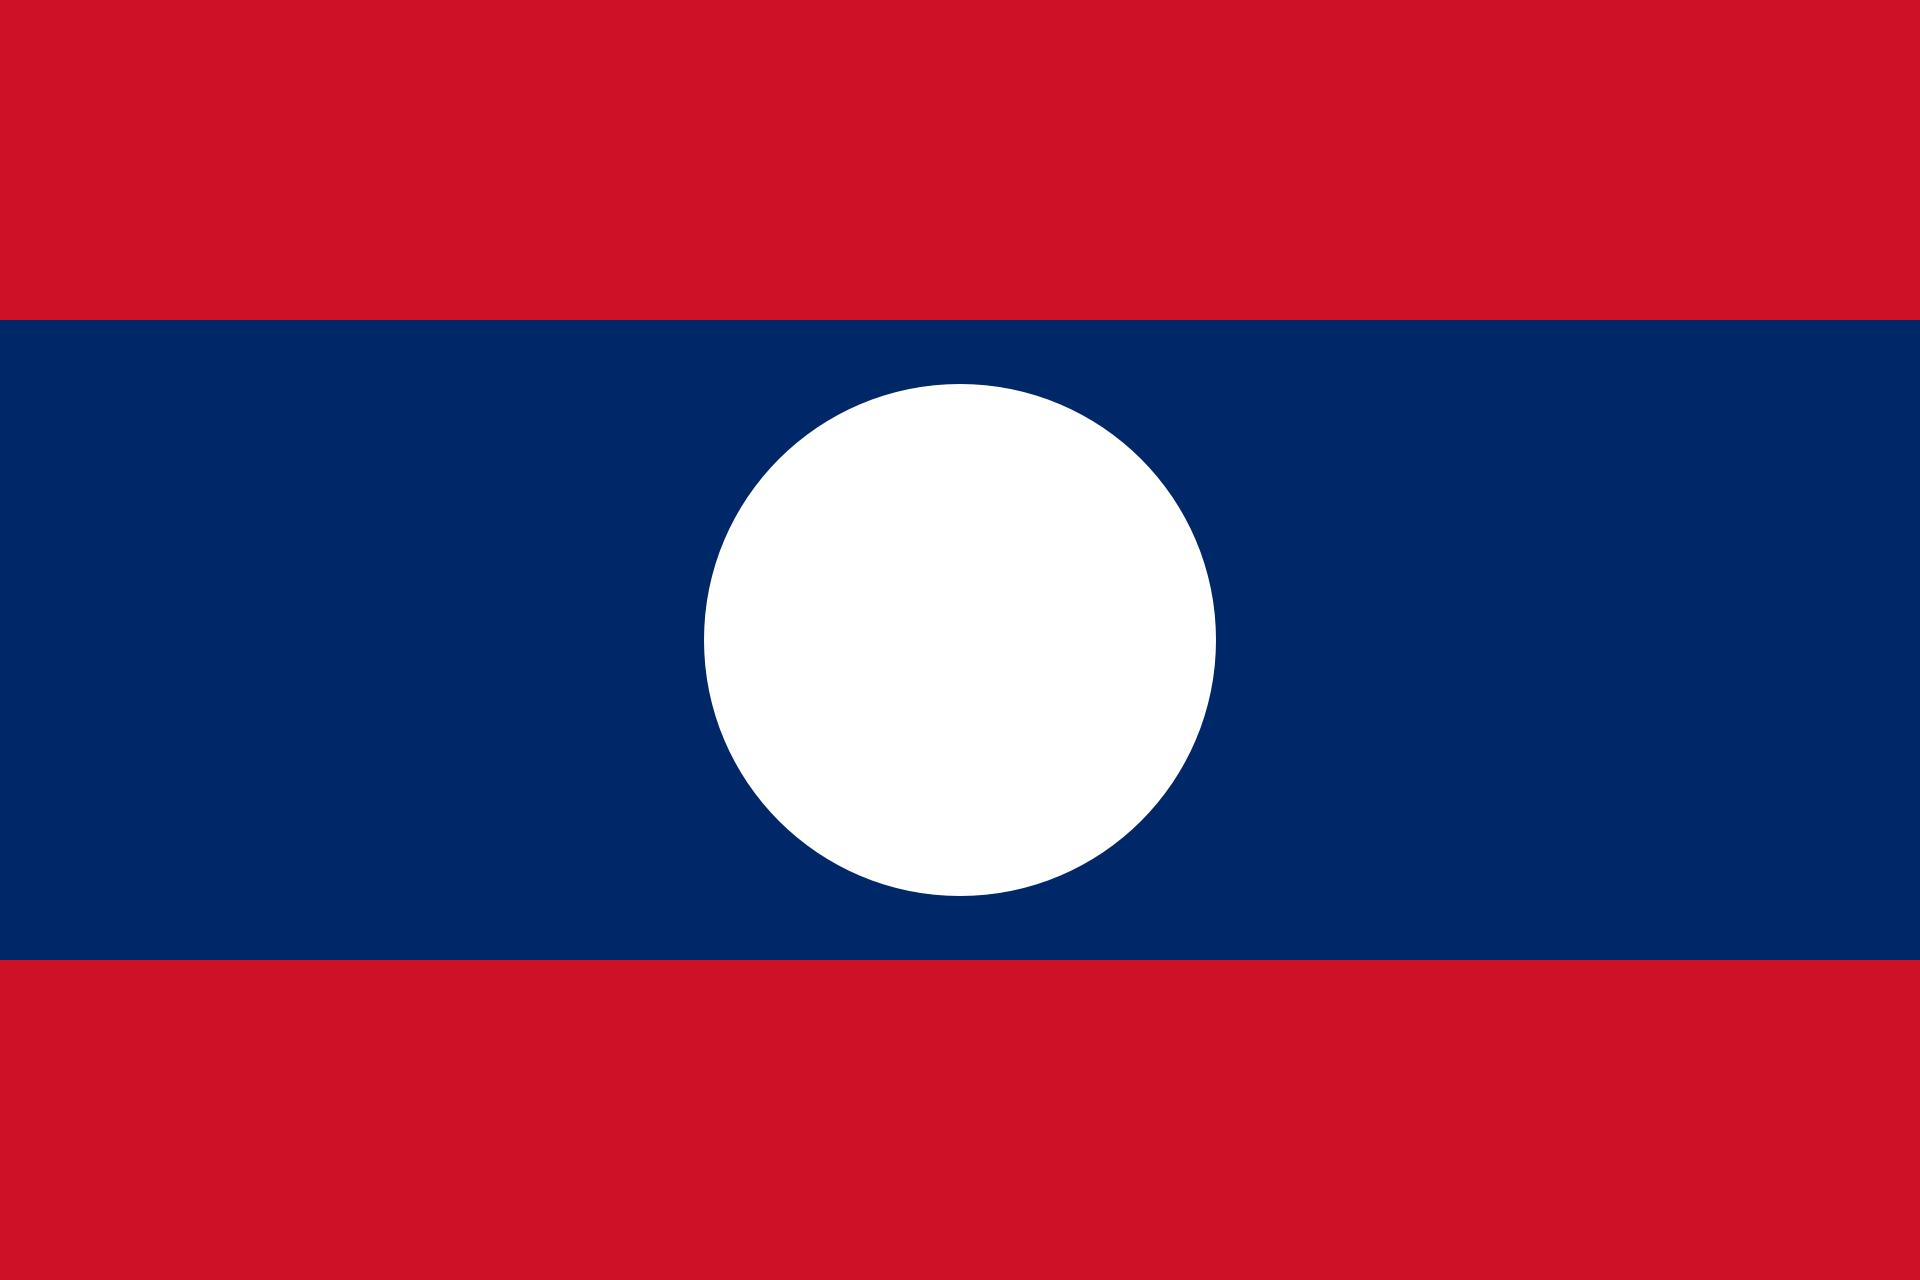 Laos Reise- und Länderinformation. Laos Flagge. Rot und blau gestreift mit weißem Kreis in der Mitte